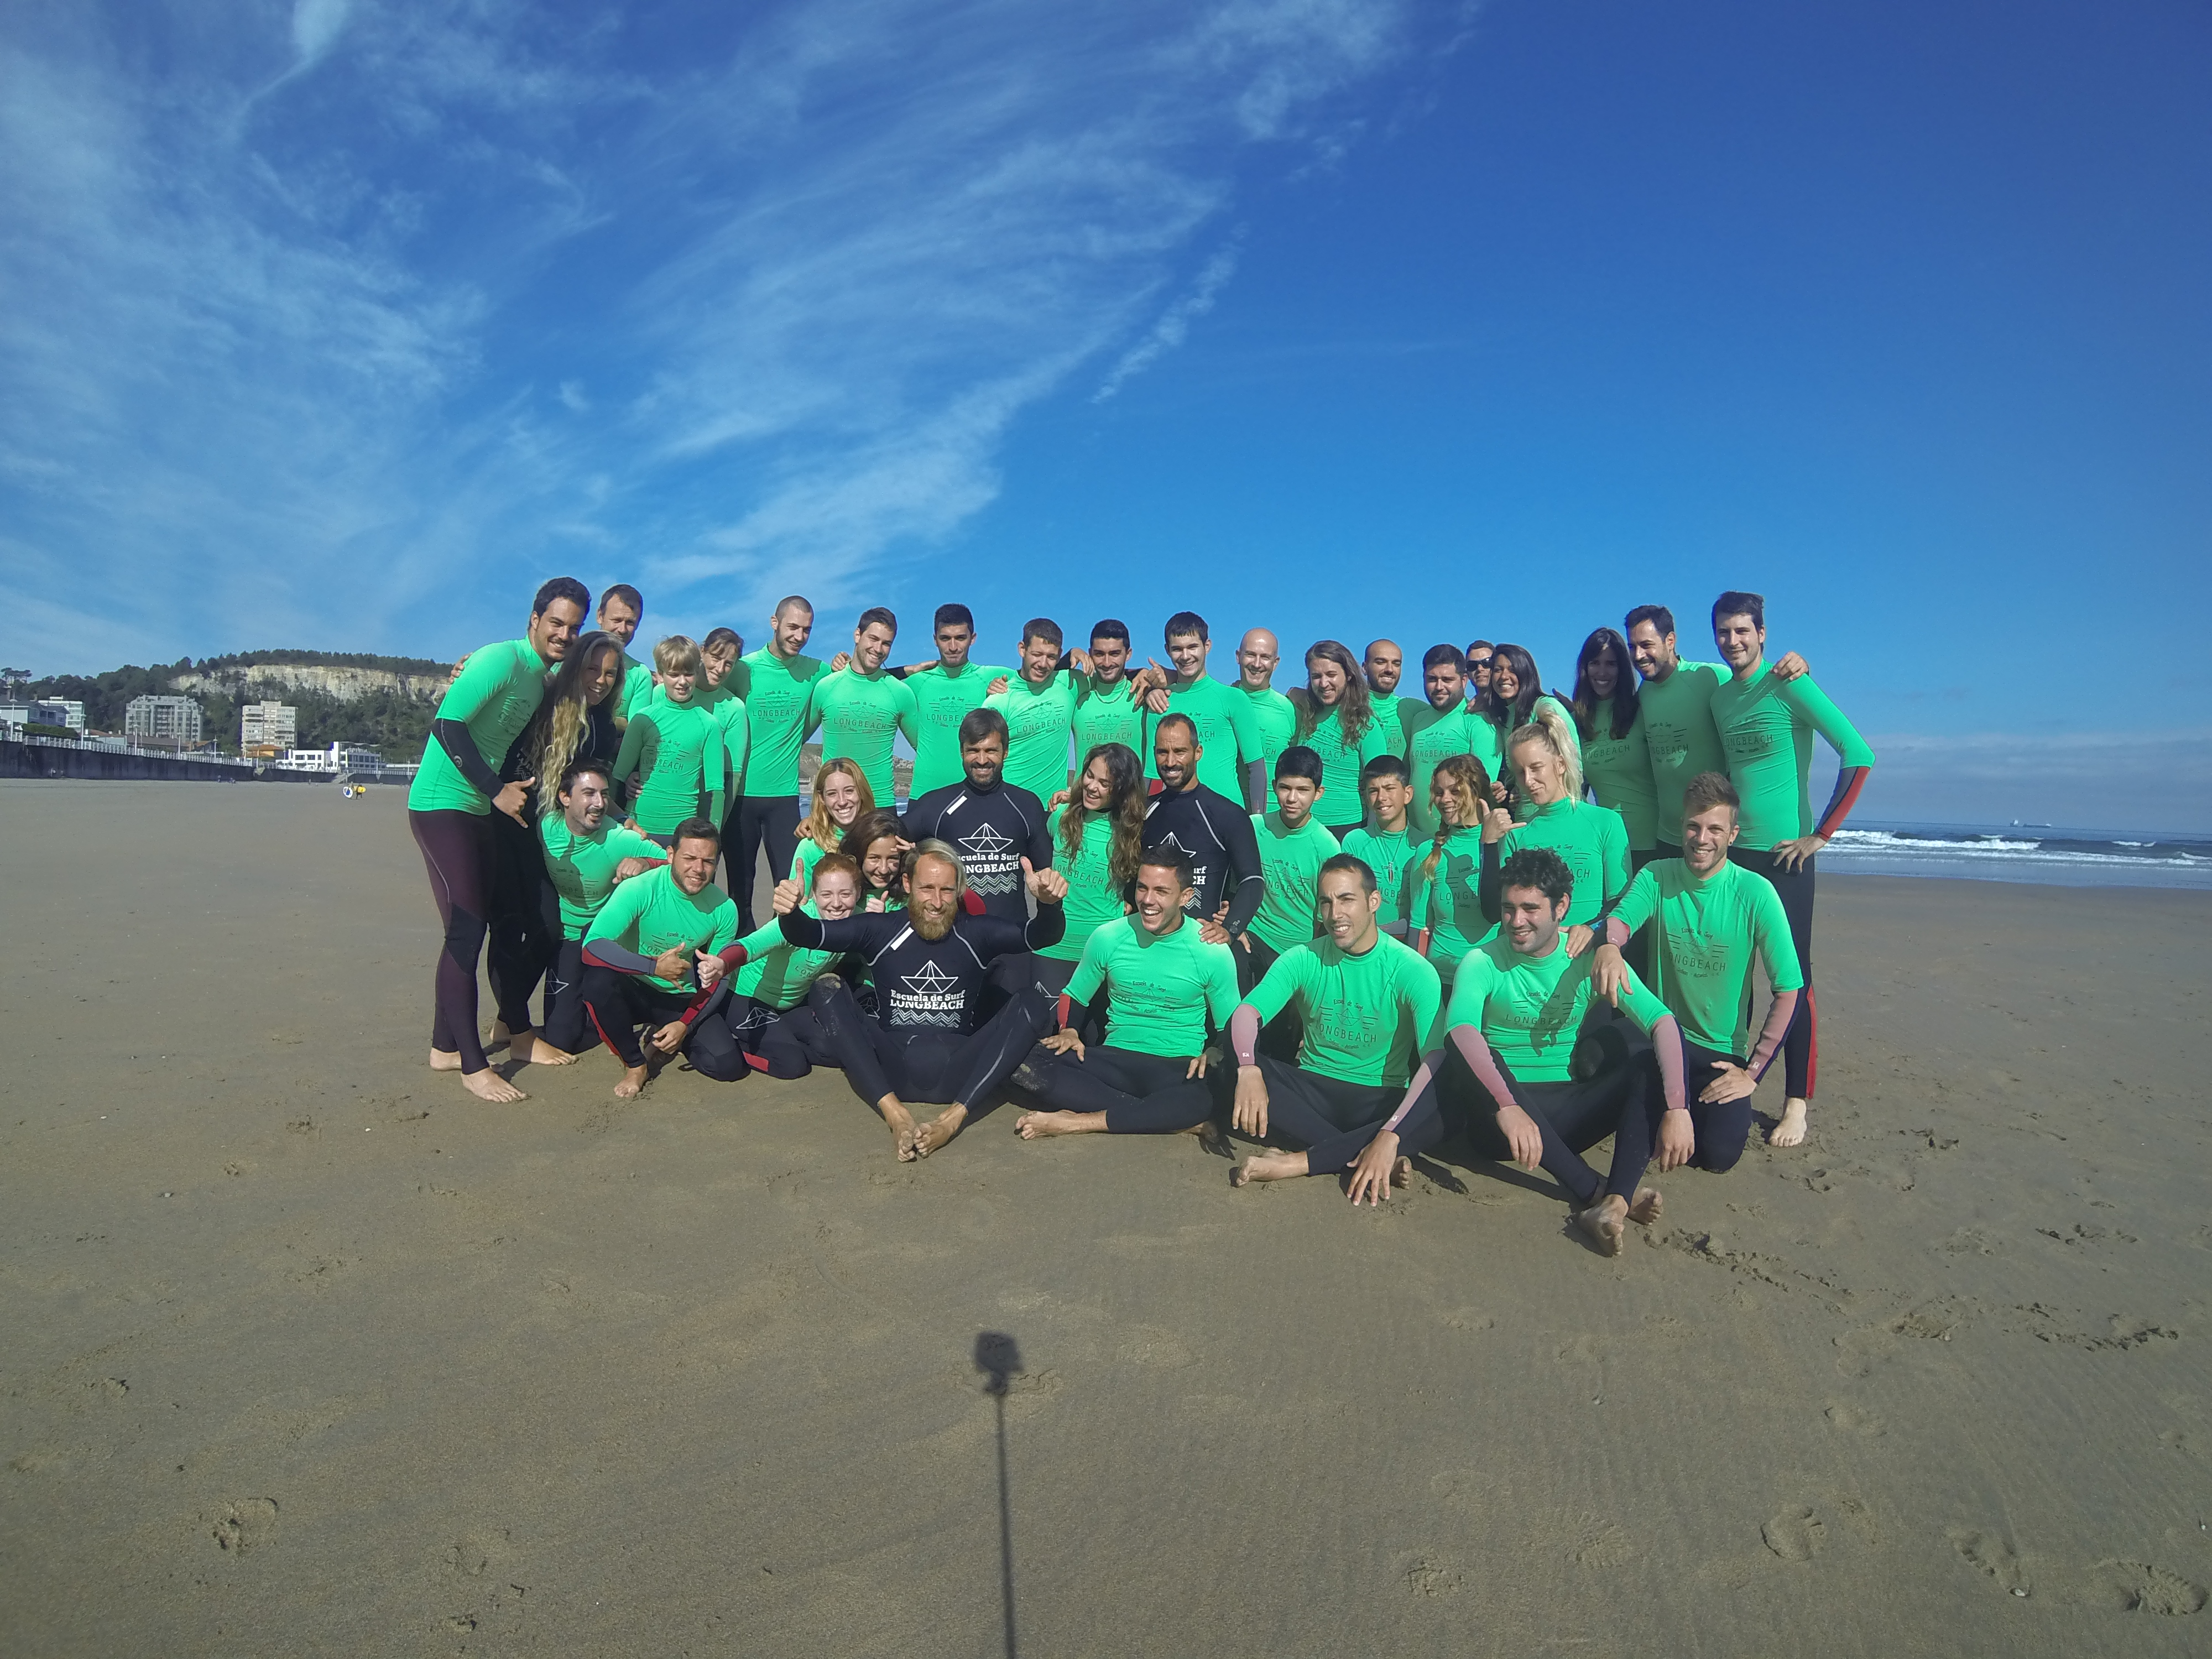 Escuela de surf camp longbeach 17.JPG